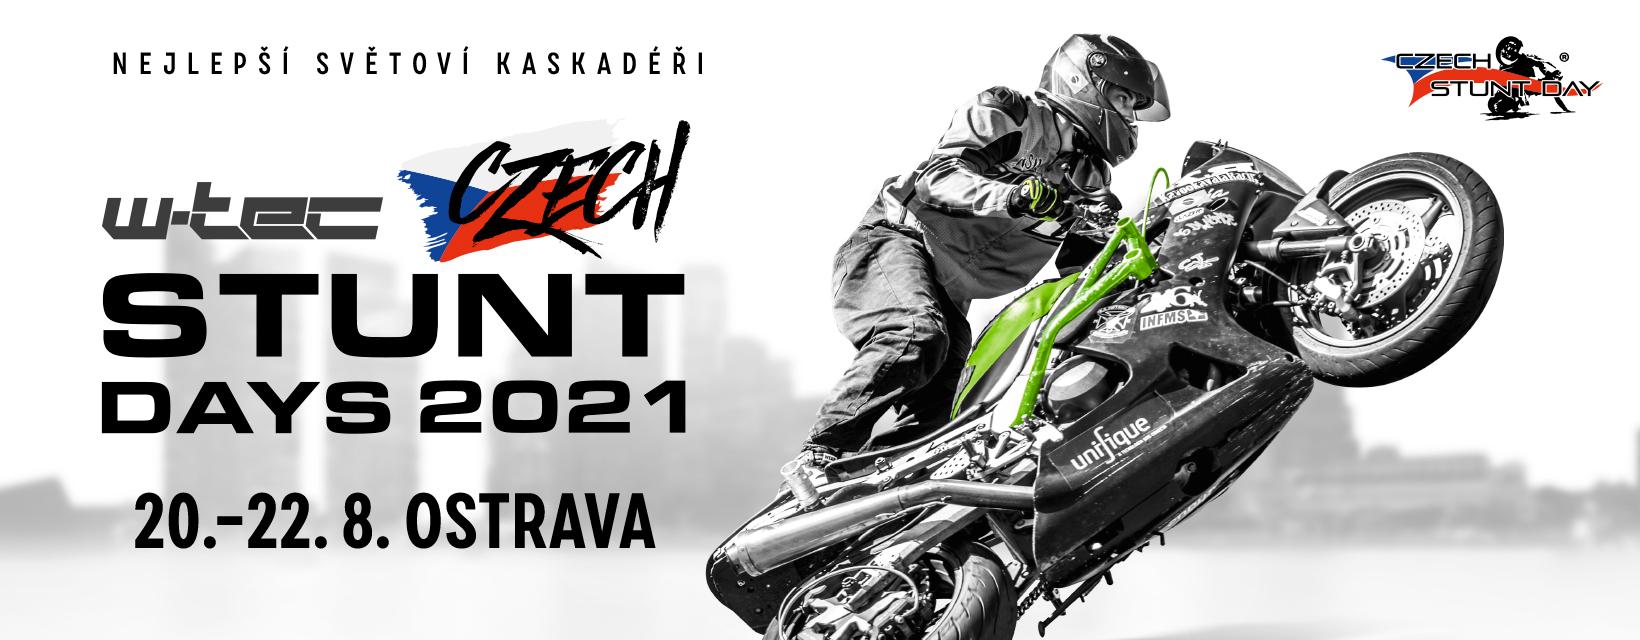 <p>Netajíme se tím, že 9.ročník soutěže Czech Stunt Days 2021, připravujeme! I přes nepřízeň veškerých událostí minulého roku, se nám ročník 2020 náramně vyvedl. Jsme přesvědčeni, že letos naběhneme opět do plného režimu, a ve dnech od 20. – 22.8.2021 přivítáme v Ostravě ty nejlepší moto kaskadéry z celého světa. […]</p>